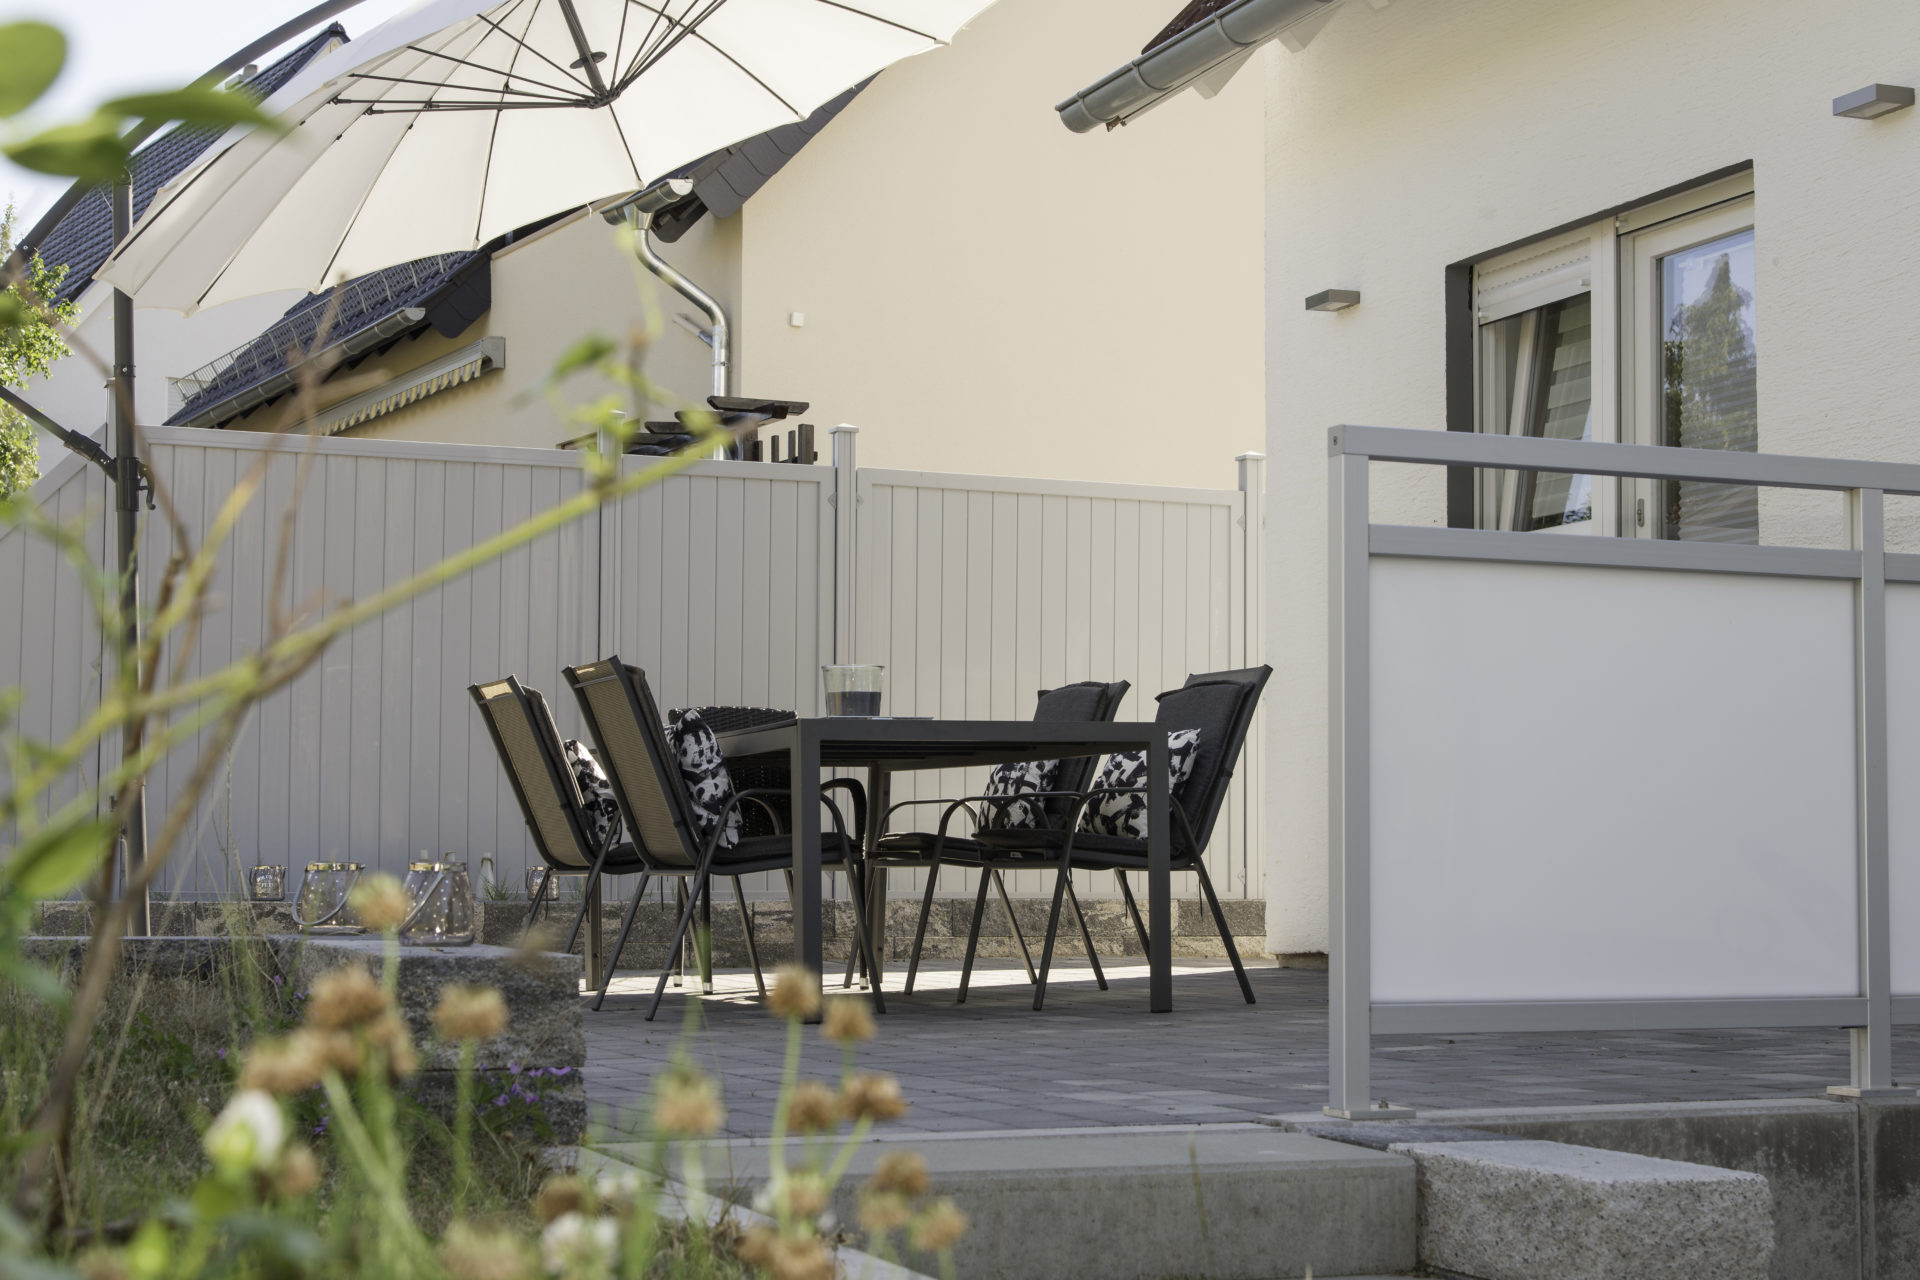 Ferienwohnung in Zweibrücken: Location1